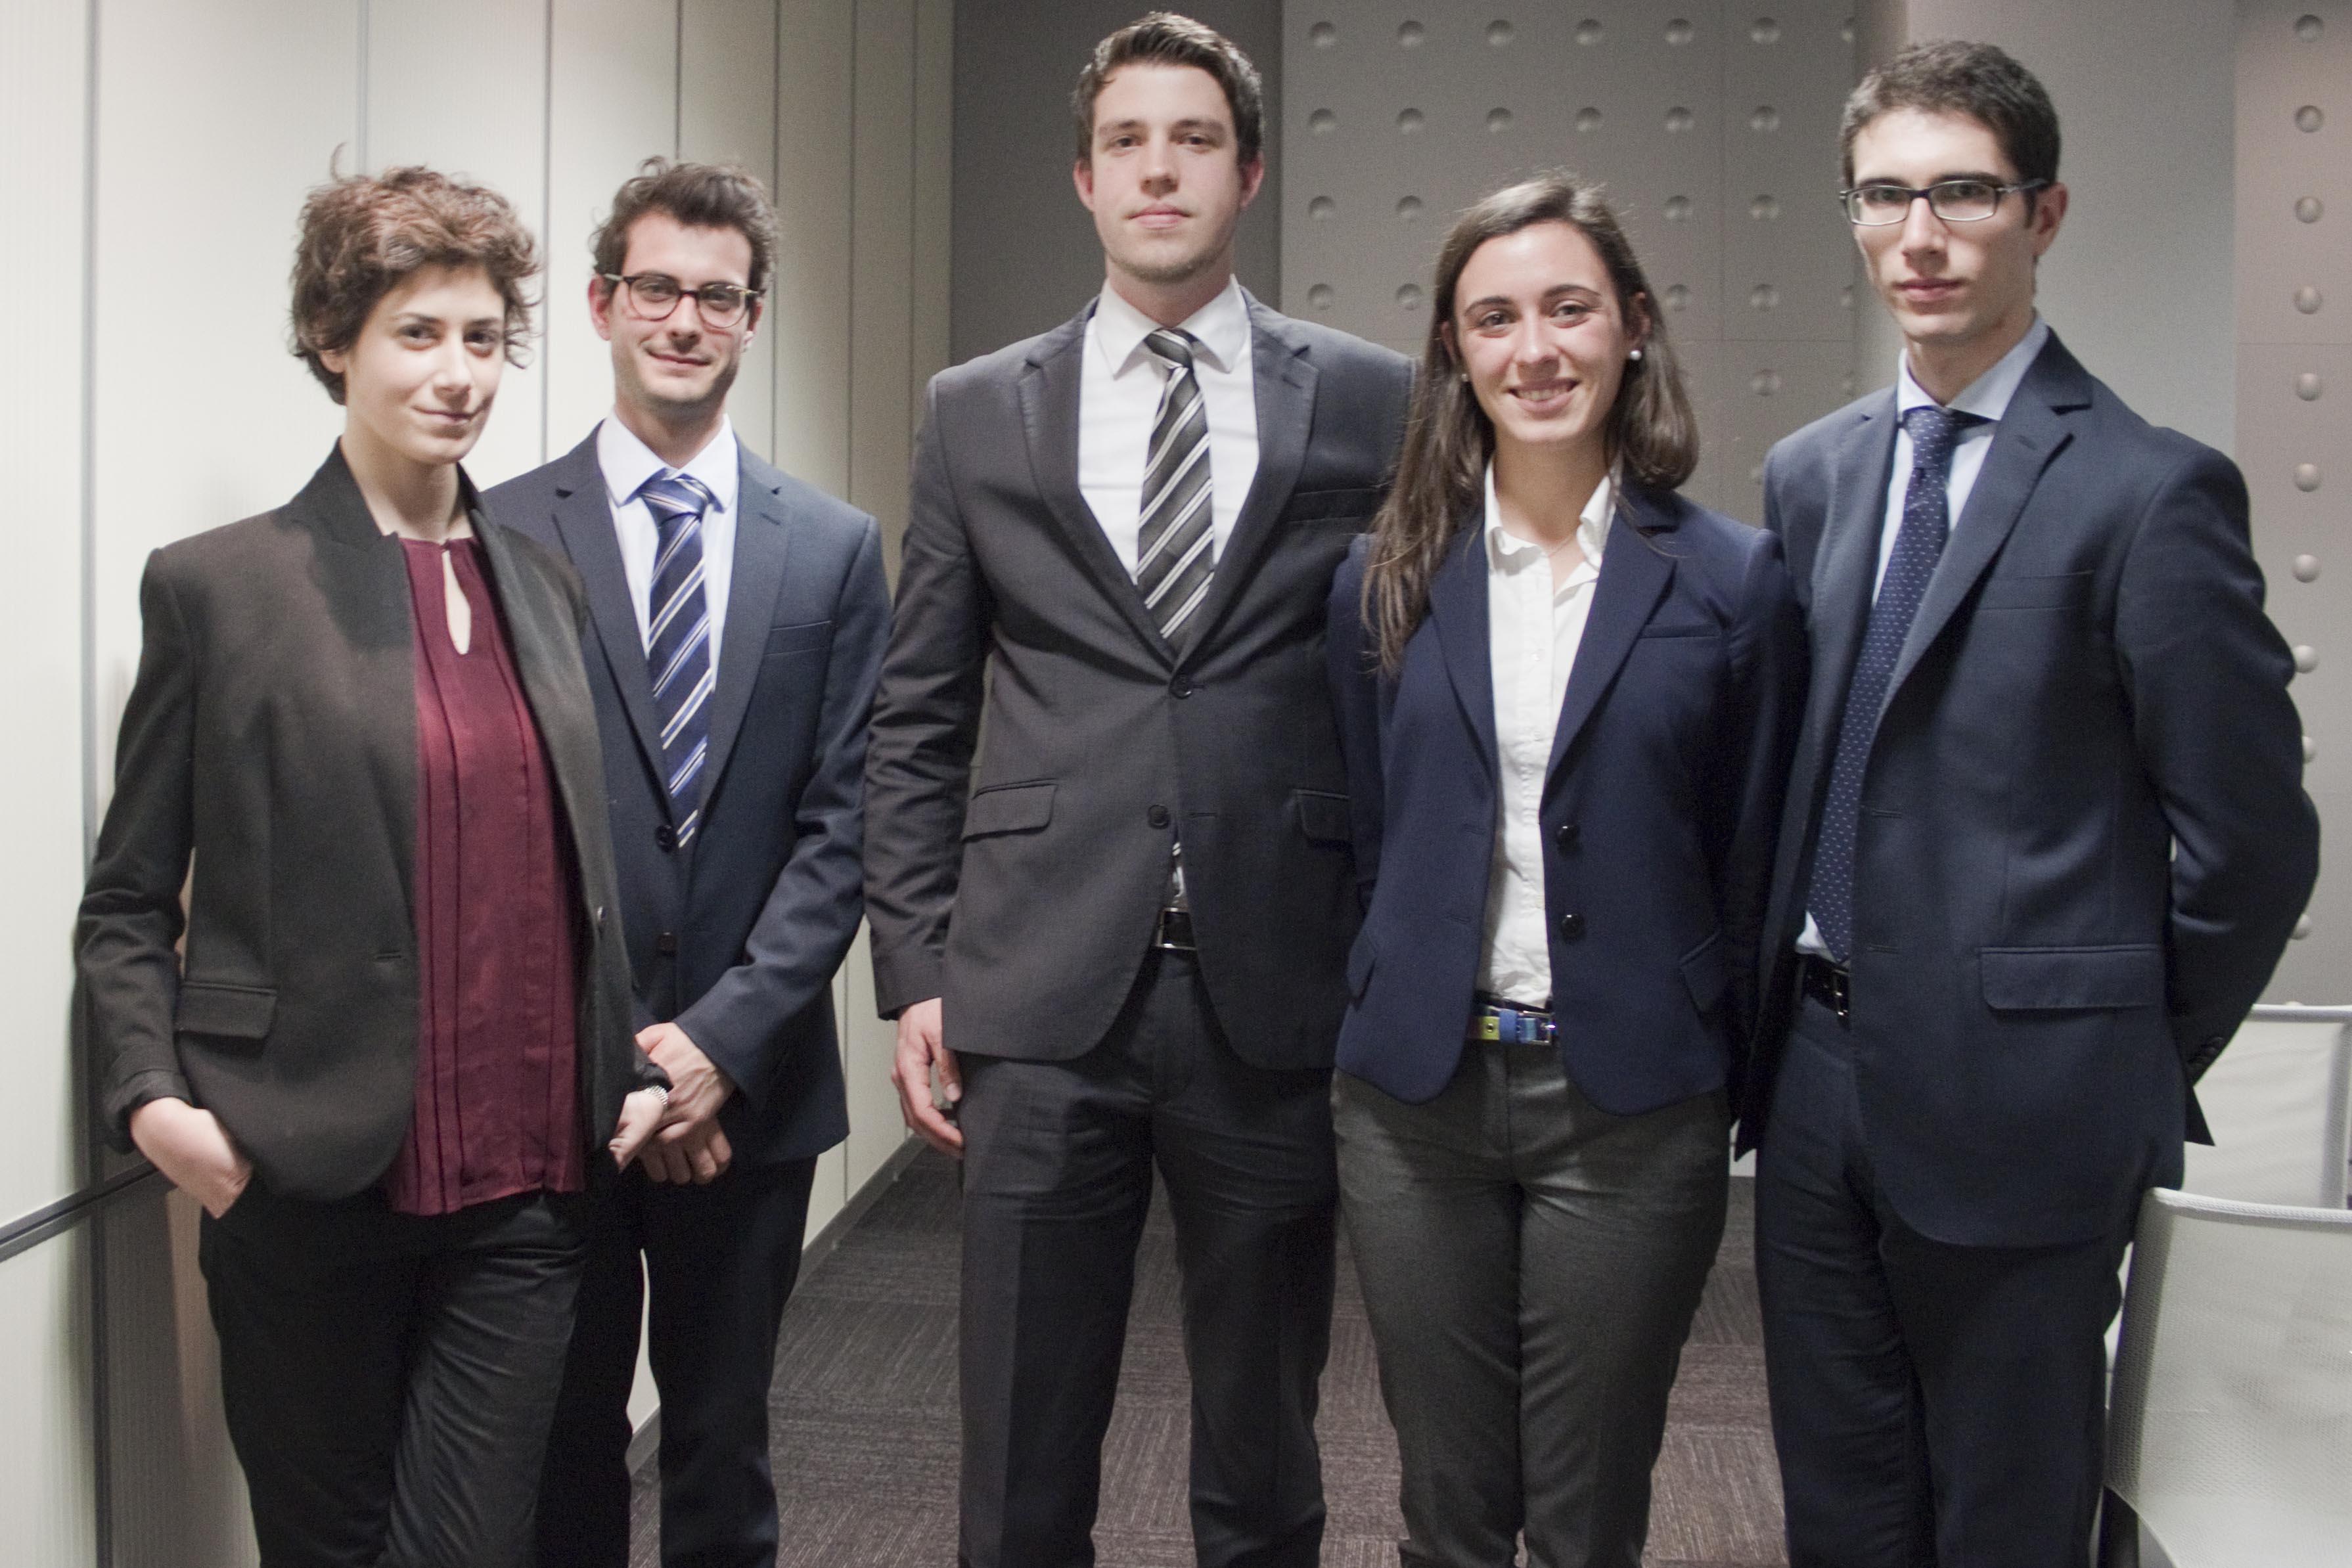 Anche UNIPV partecipa alla CFA Institute Research Challenge 2014/2015